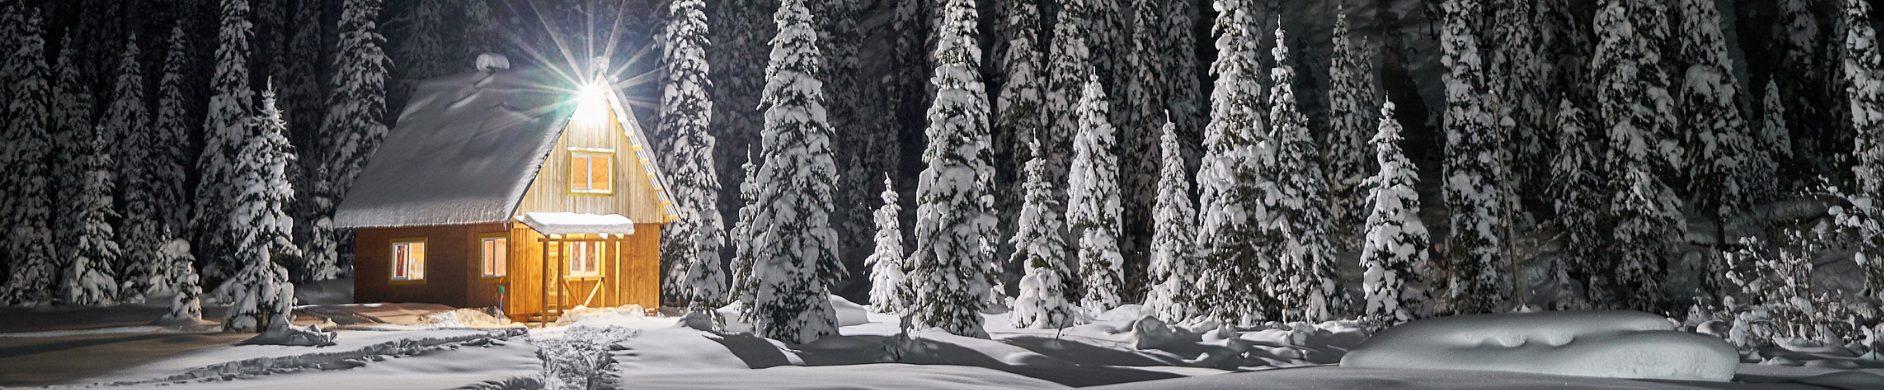 Russie+Sibérie+Ski+Randonnée+Guide+Haute+Montagne - Les matins du monde